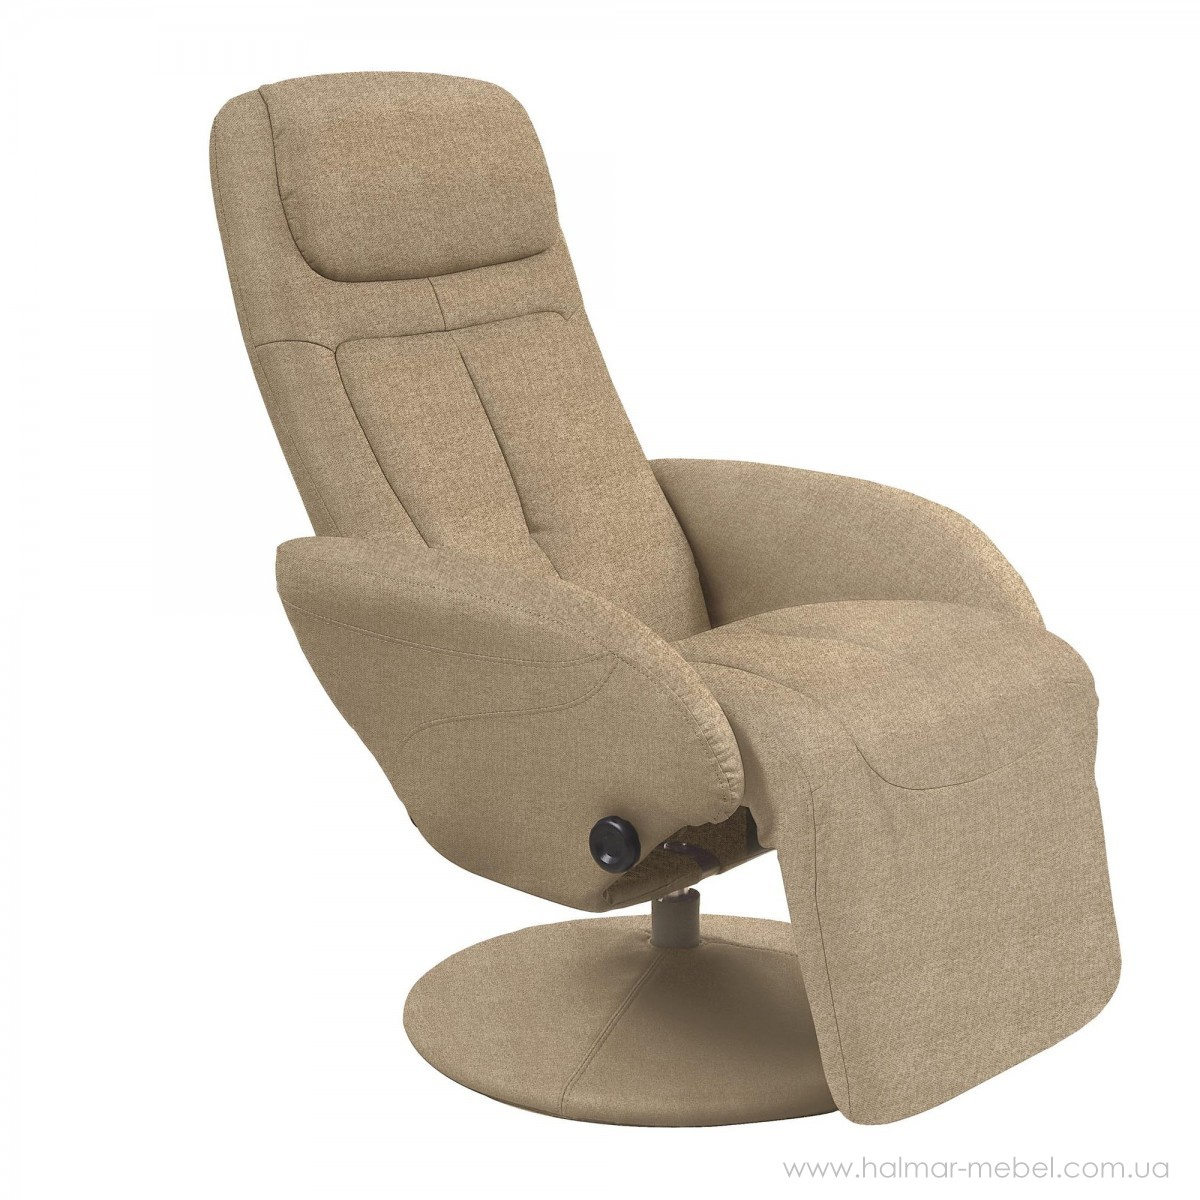 Раскладное кресло OPTIMA 2 HALMAR (бежевый)